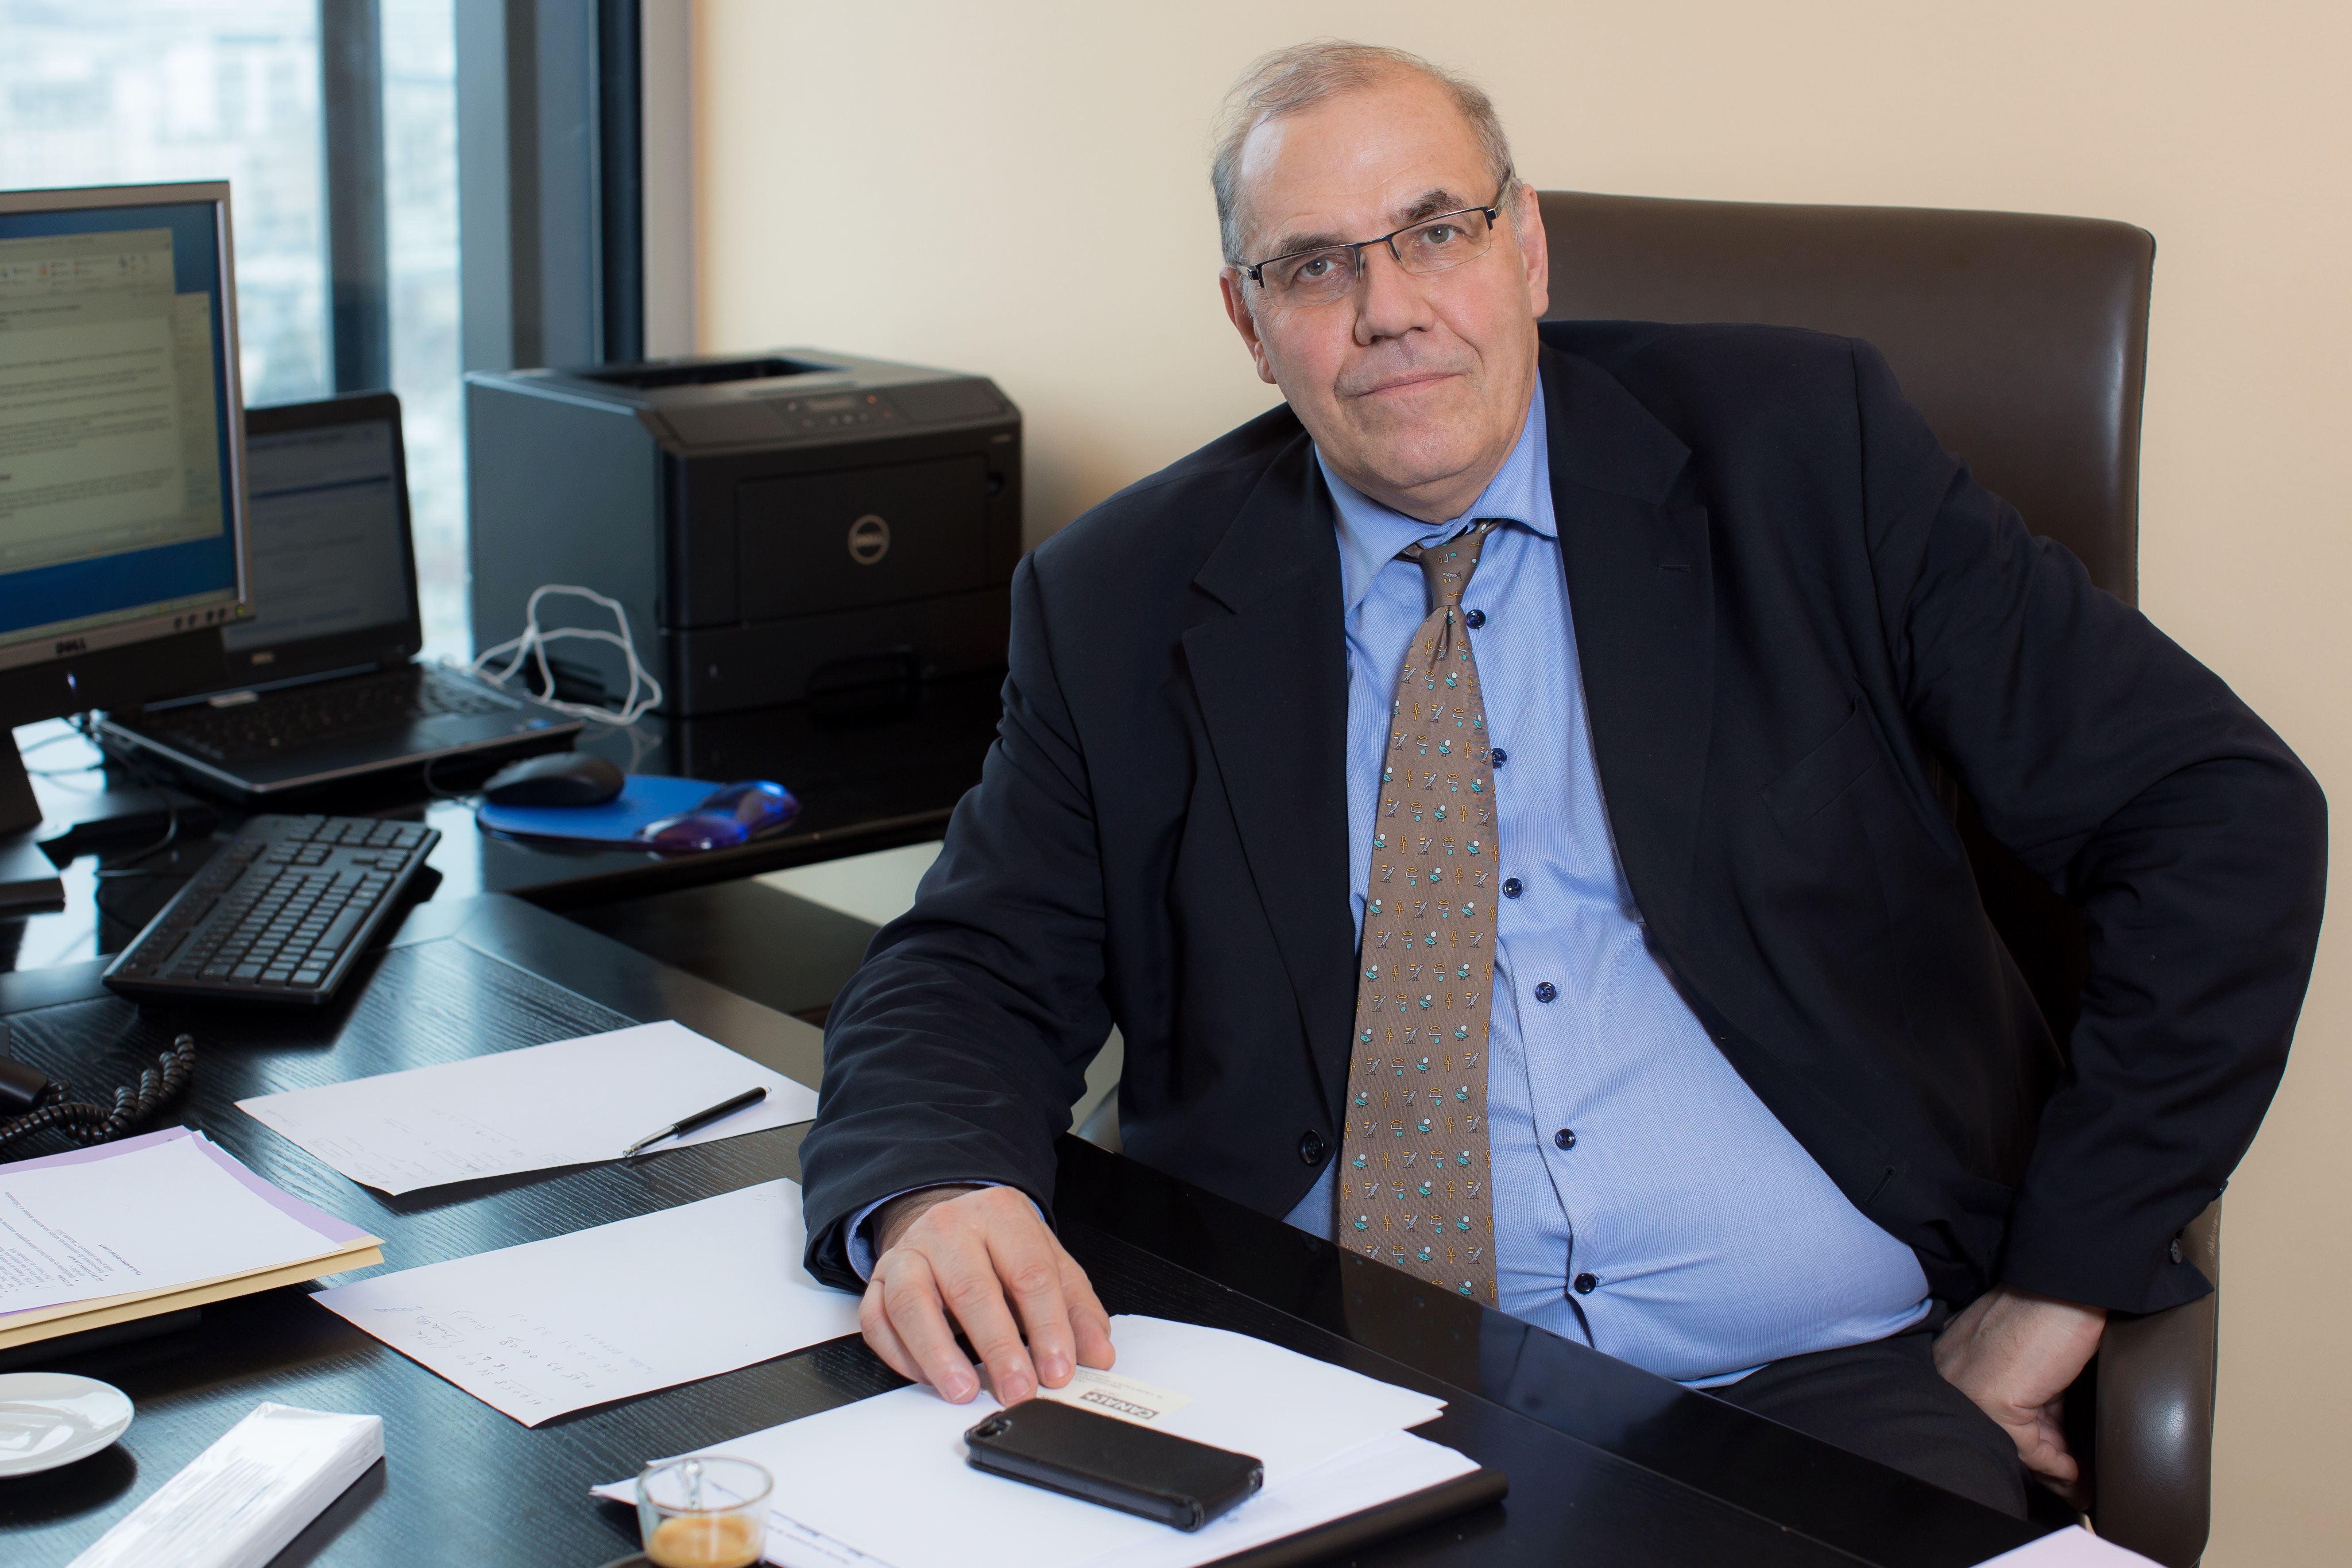 Le conseil Nicolas Curien a remplacé Olivier Schrameck pendant 3 mois. © Romuald Meigneux